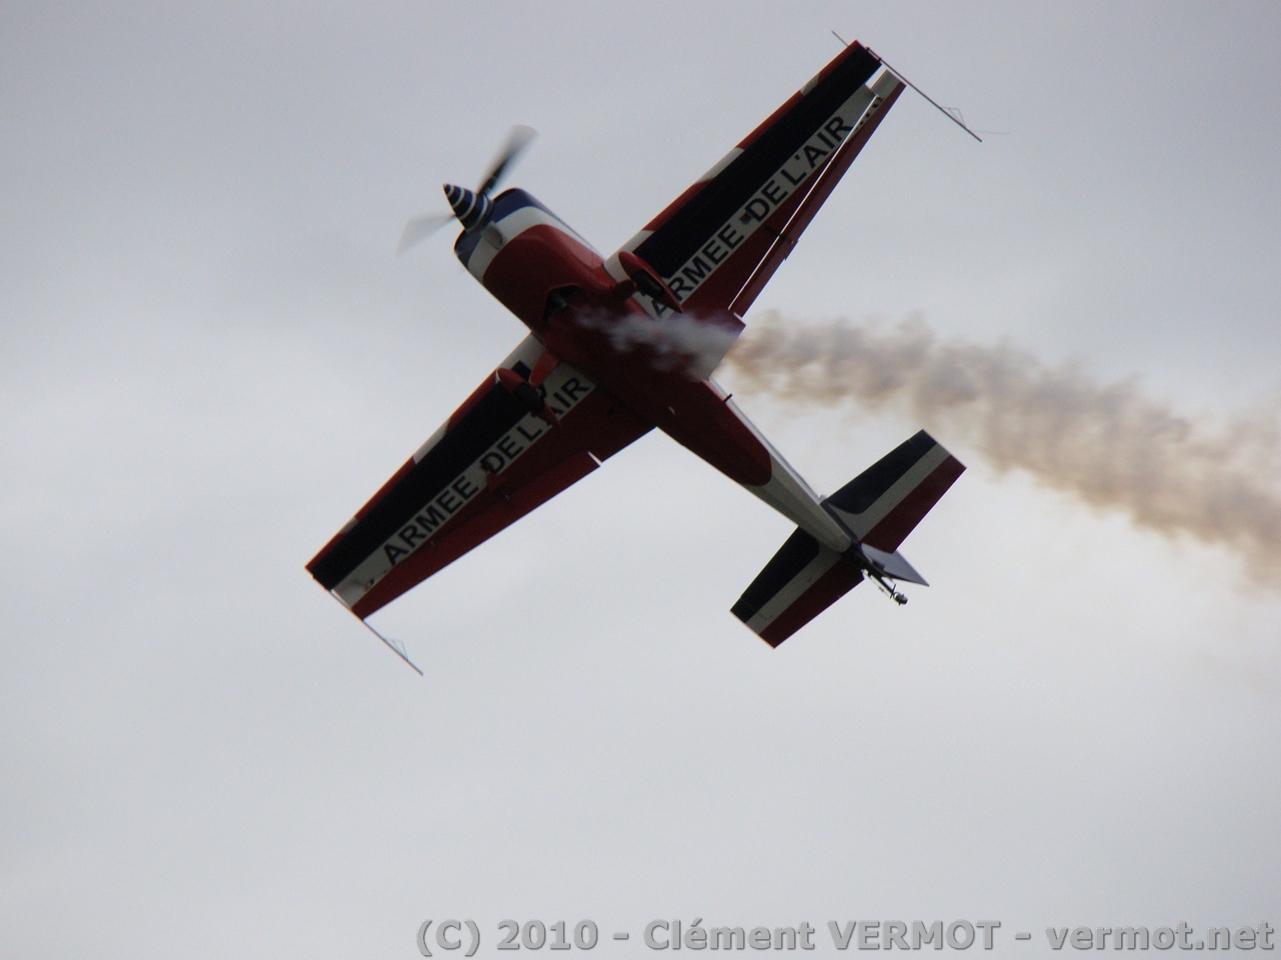 Cap 232 de l'Armée de l'air